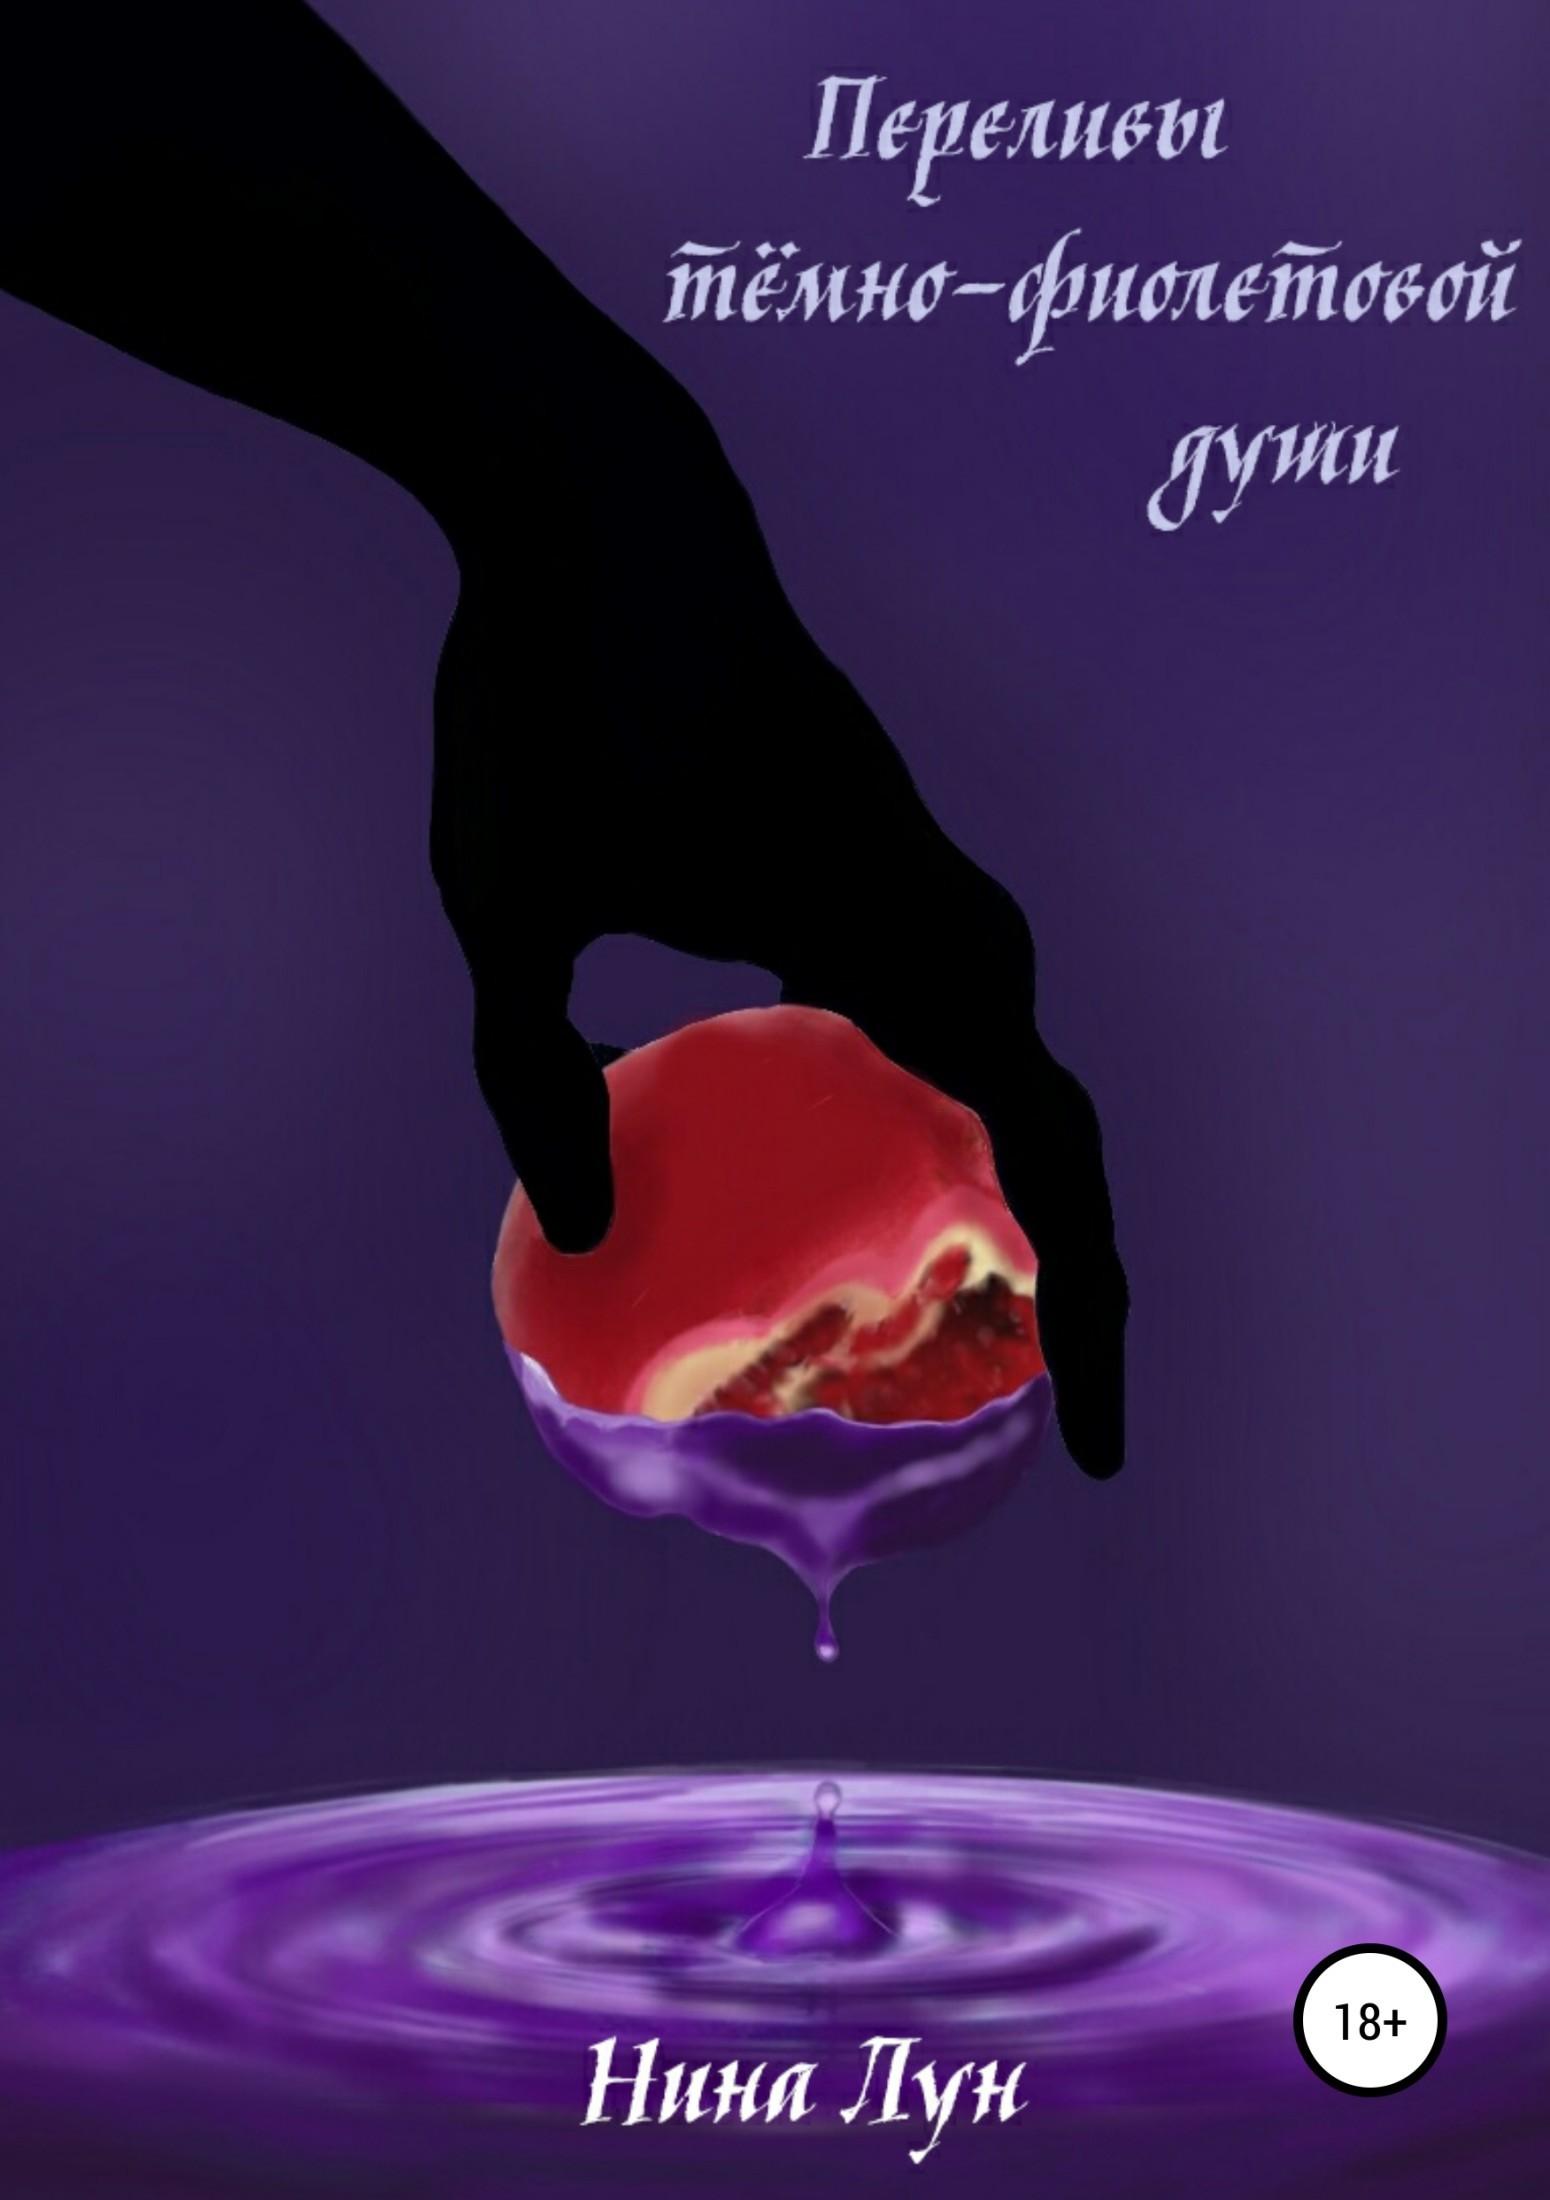 Переливы тёмно-фиолетовой души